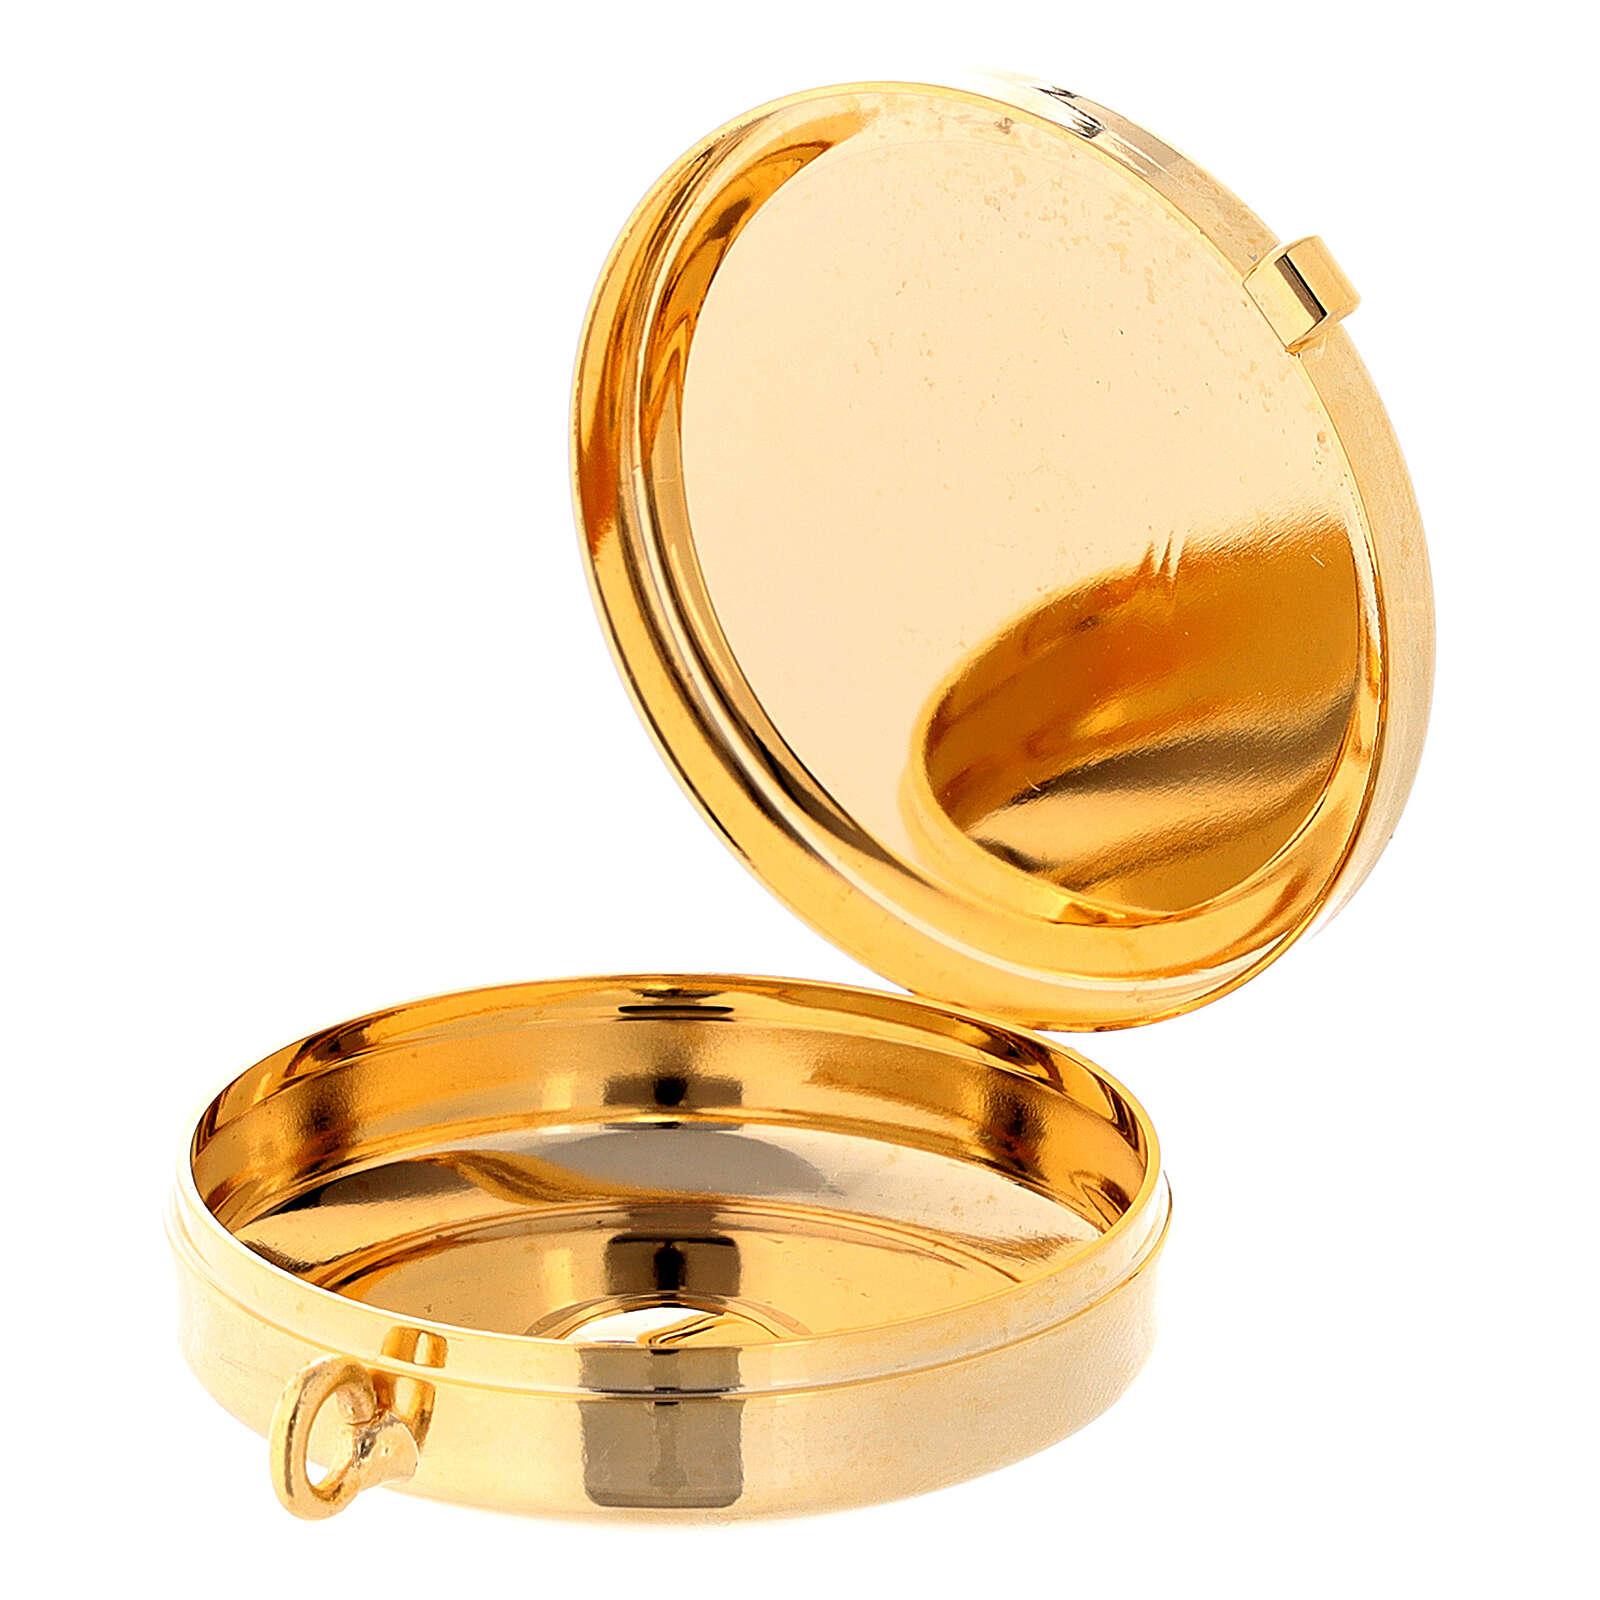 Caixa de hóstias latão dourado 24k relevo IHS, pães e peixe 3